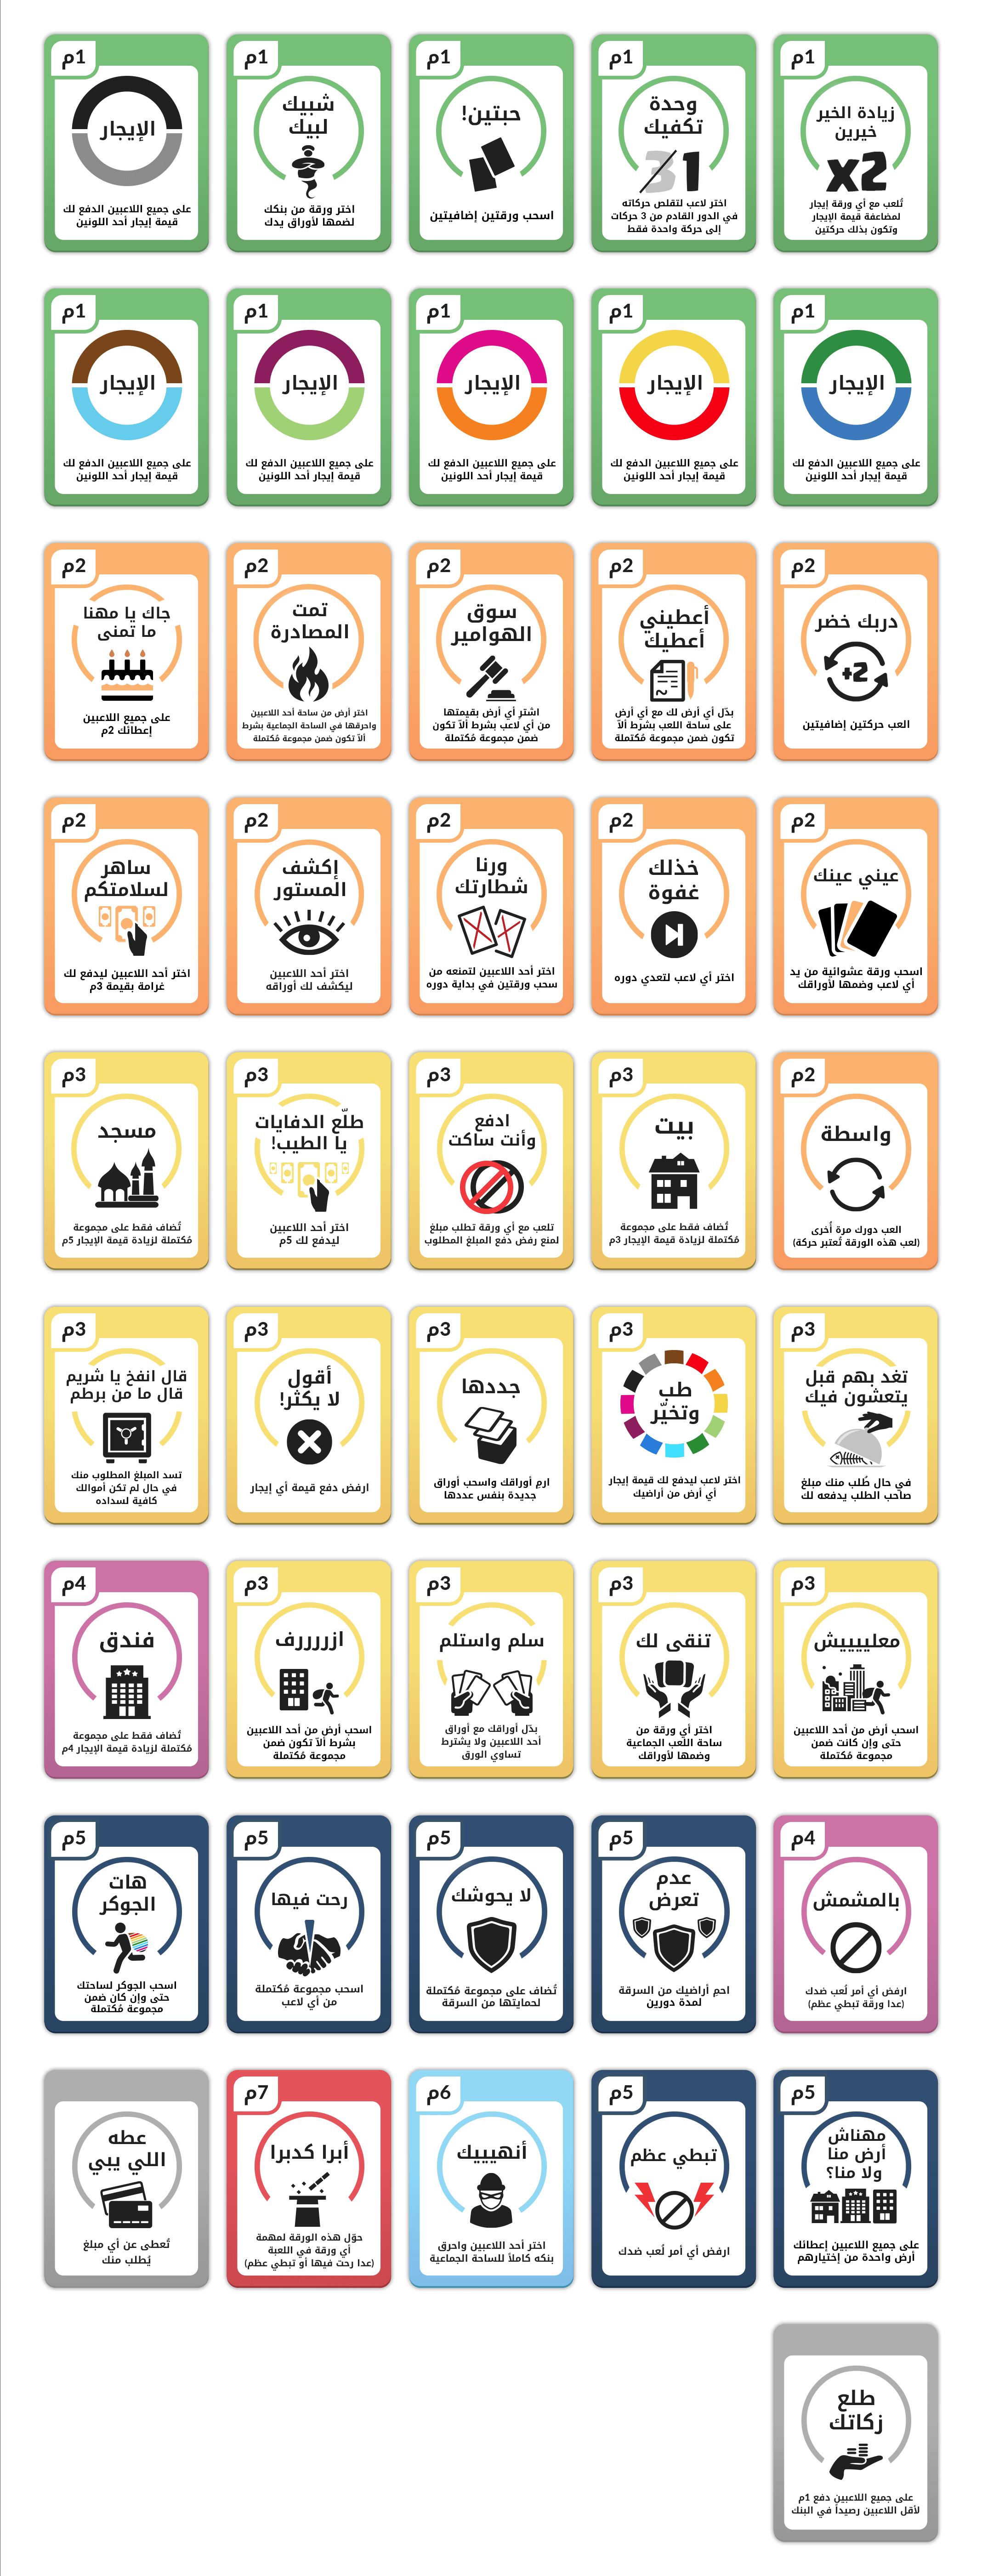 قوانين لعبة سعودي ديل